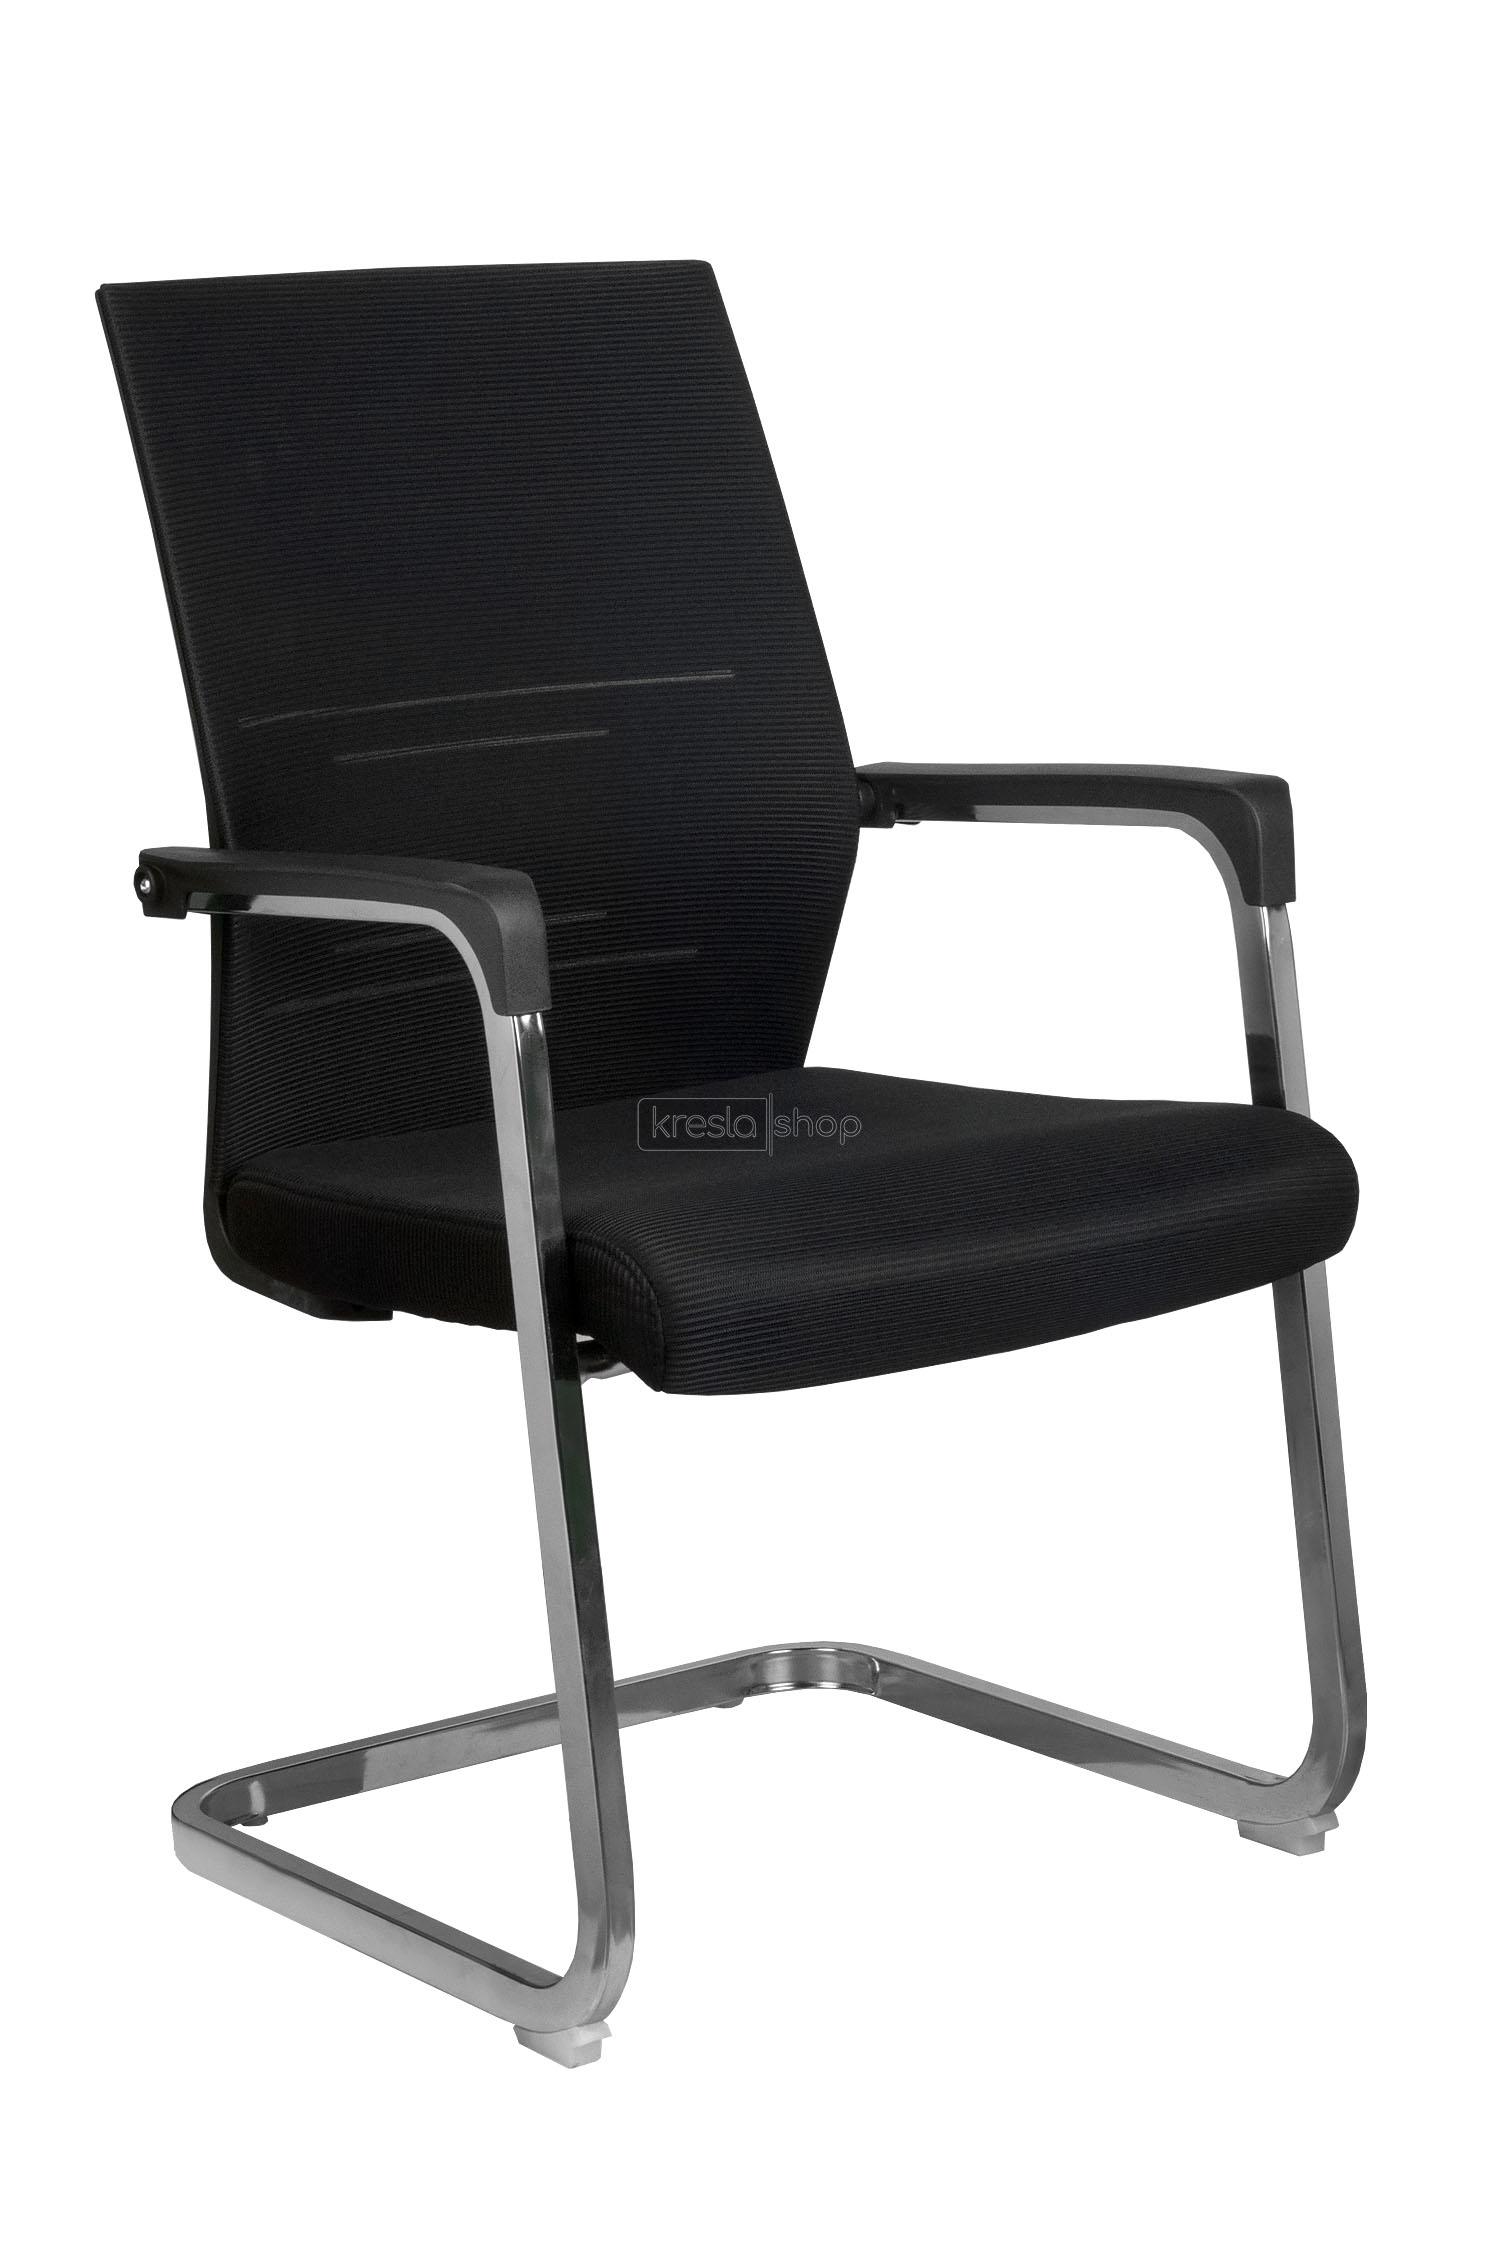 Купить конференц-кресло ? RIVA CHAIR RCH D818+ЧЁРНАЯ СЕТКА в Москве